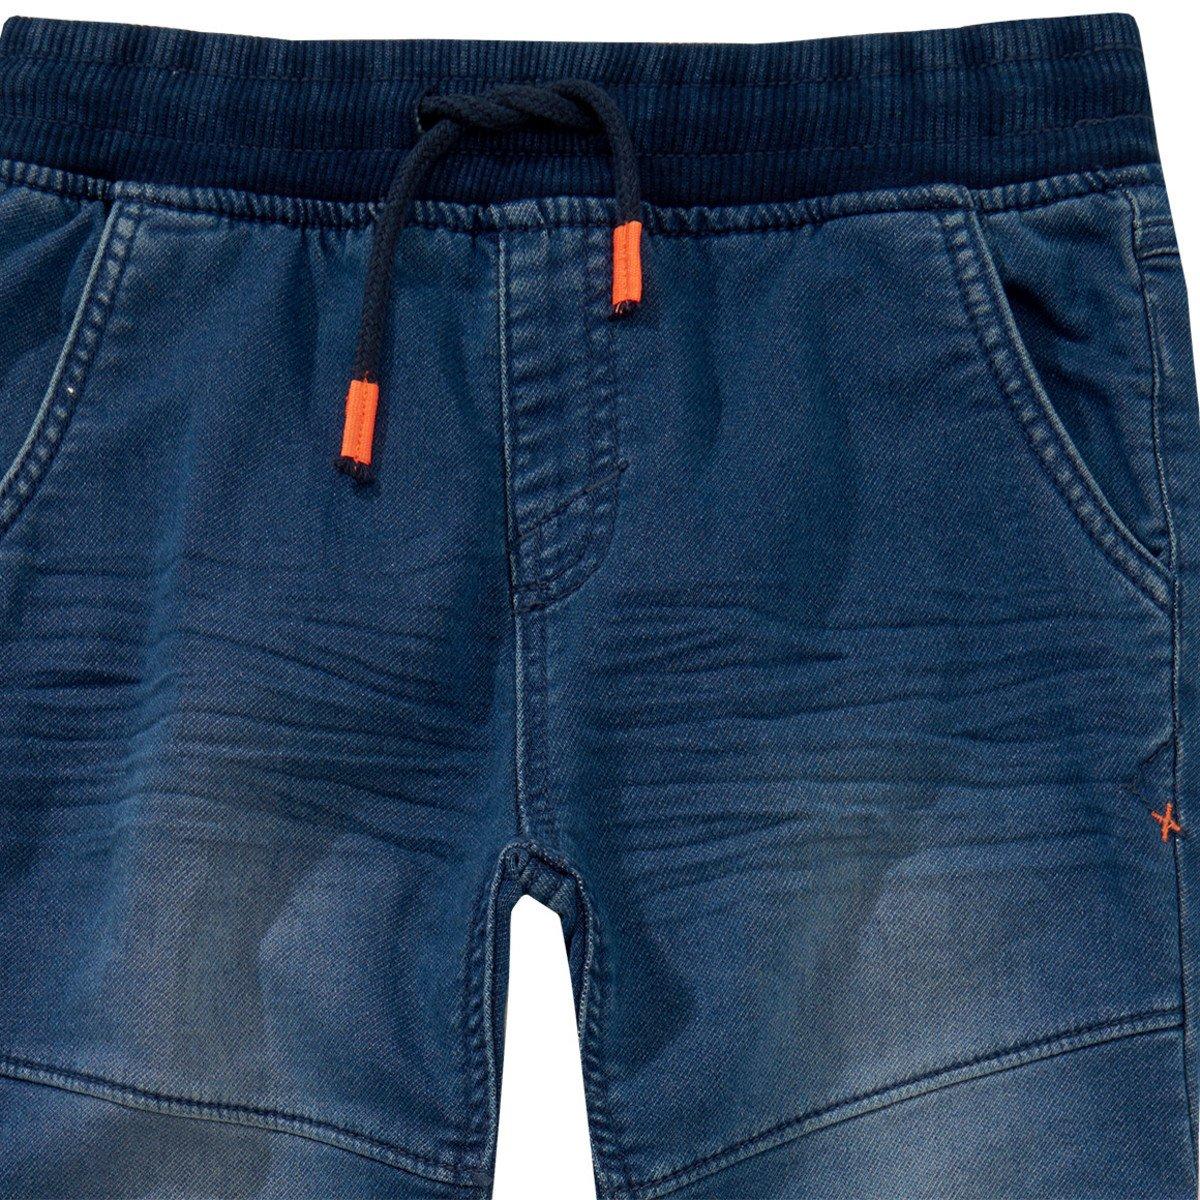 Bild 3 von Jungen Pull-on Jeans in Used-Waschung